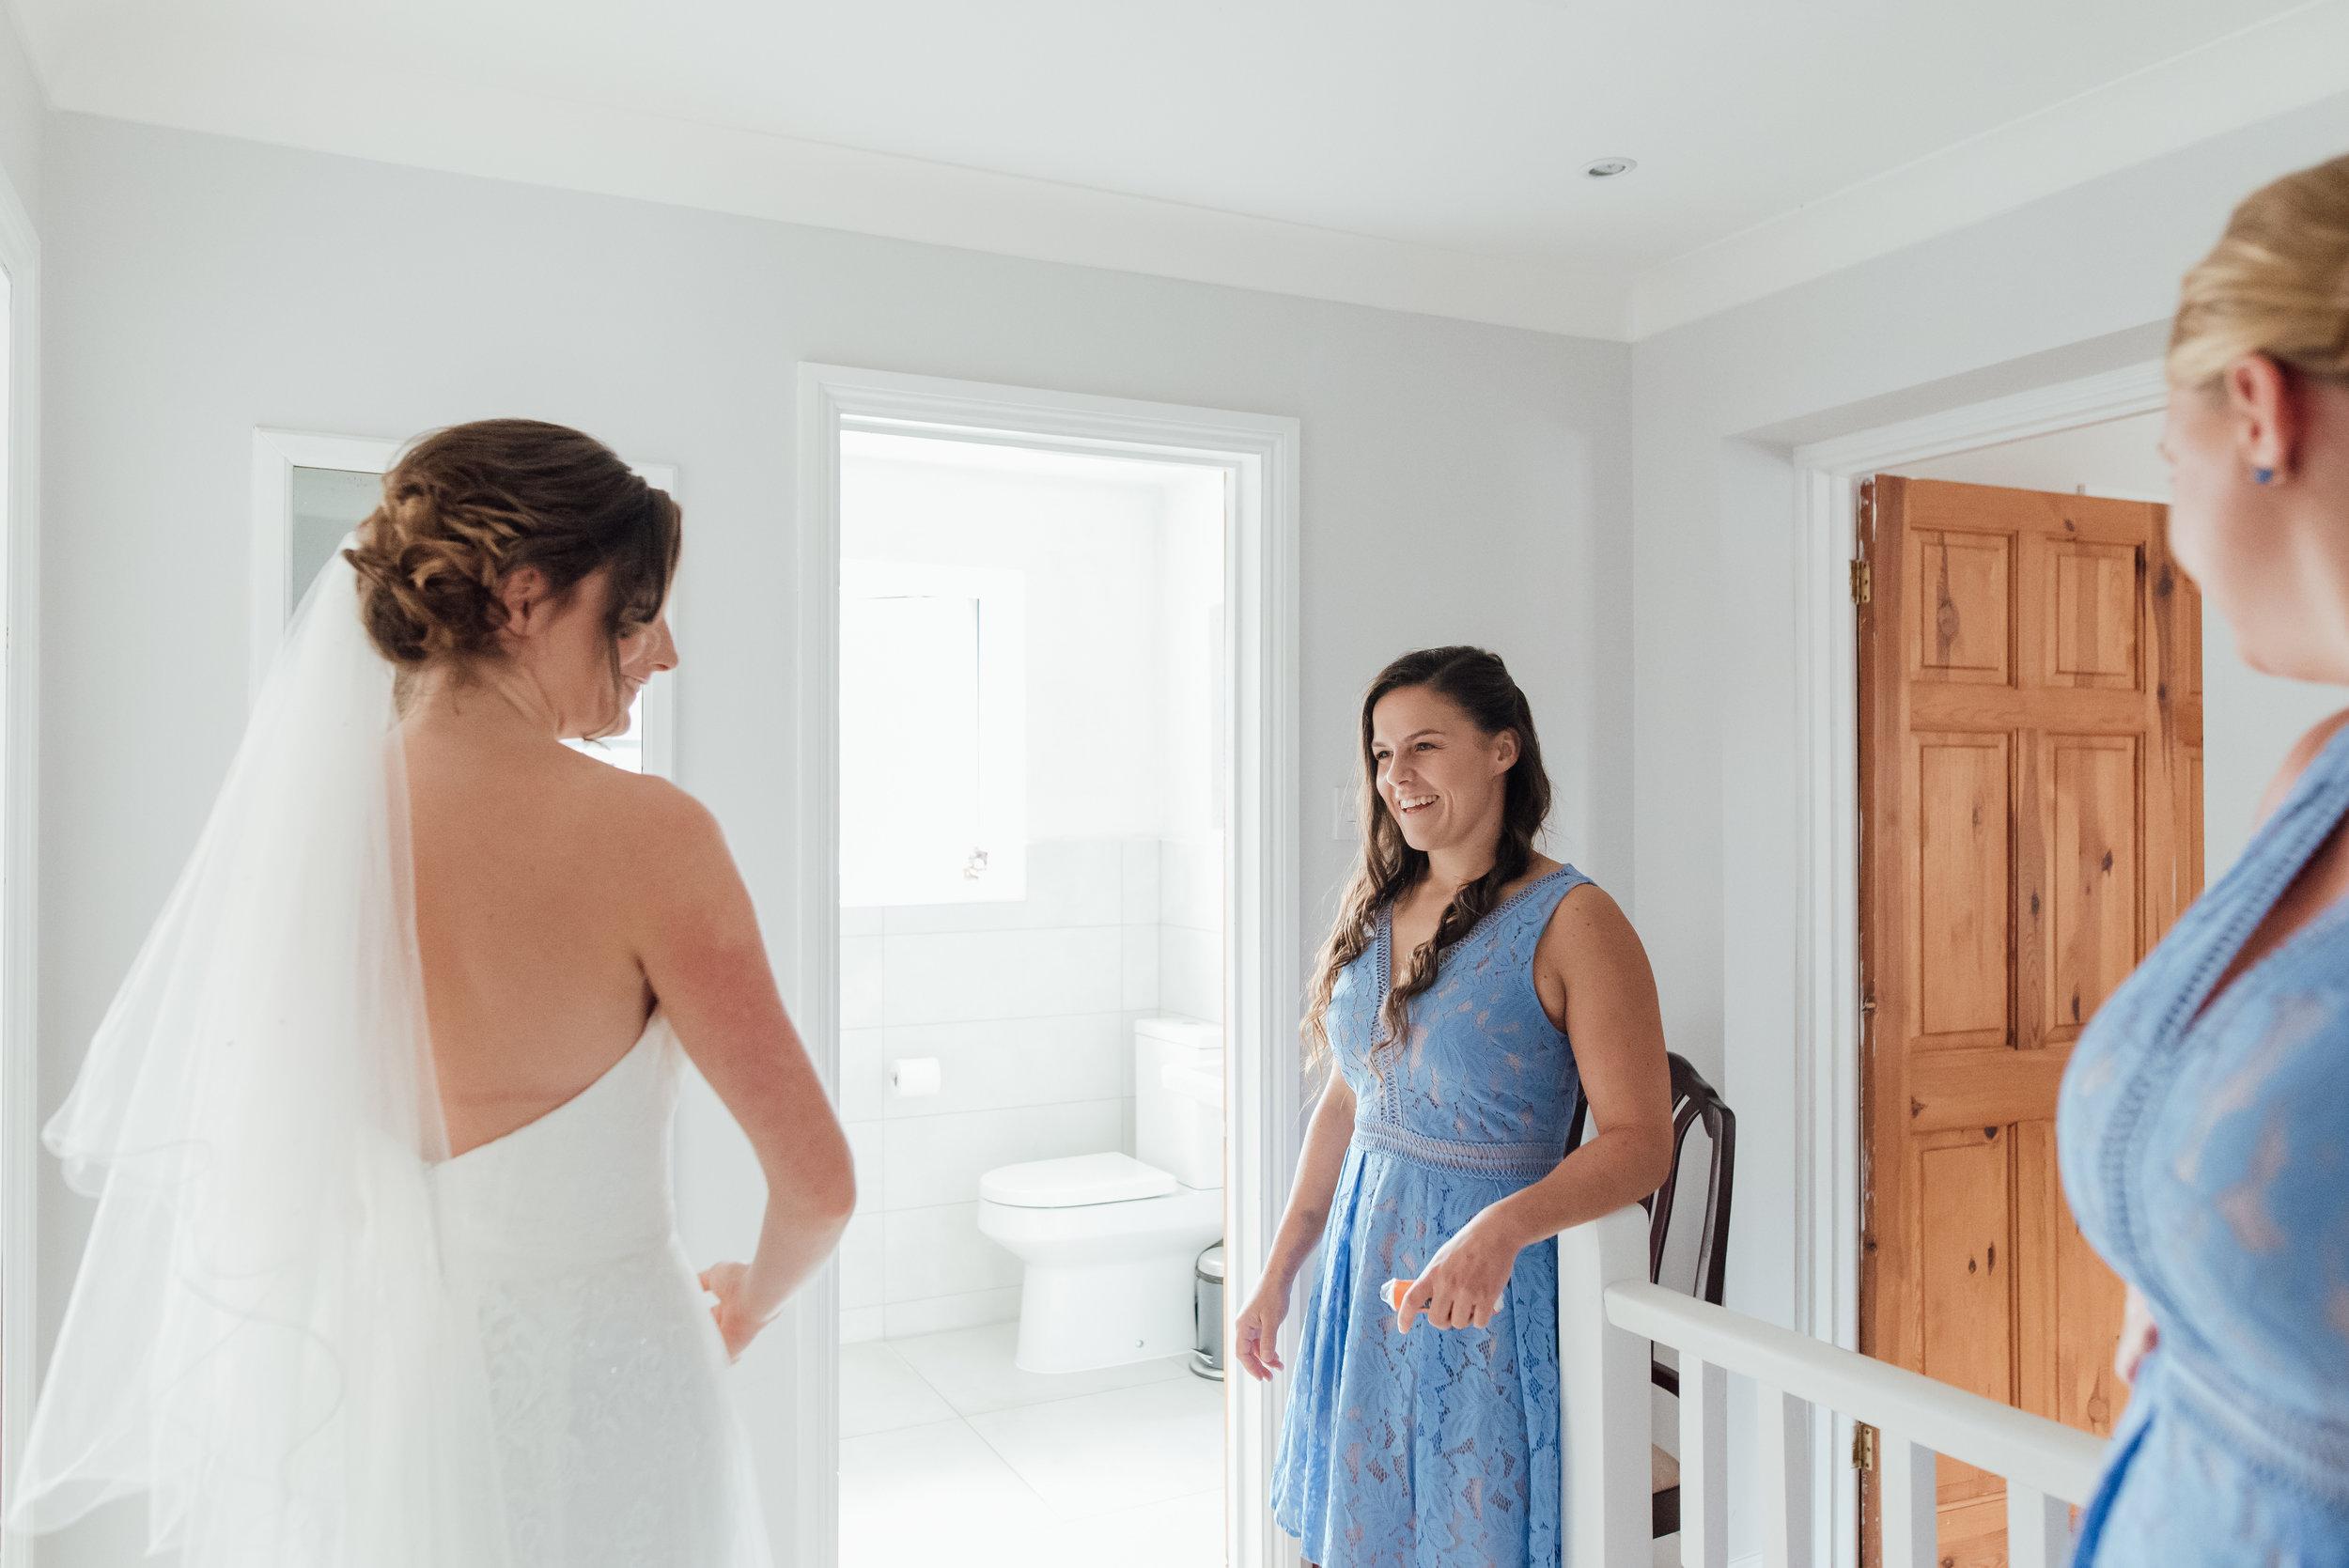 Hampshire-wedding-photographer : hampshire-village-hall-wedding : rotherwick-village-hall-wedding : wedding-photographer-hampshire : amy-james-photography : natural-wedding-photographer-hampshire : wedding-photographer-hampshire-150.jpg